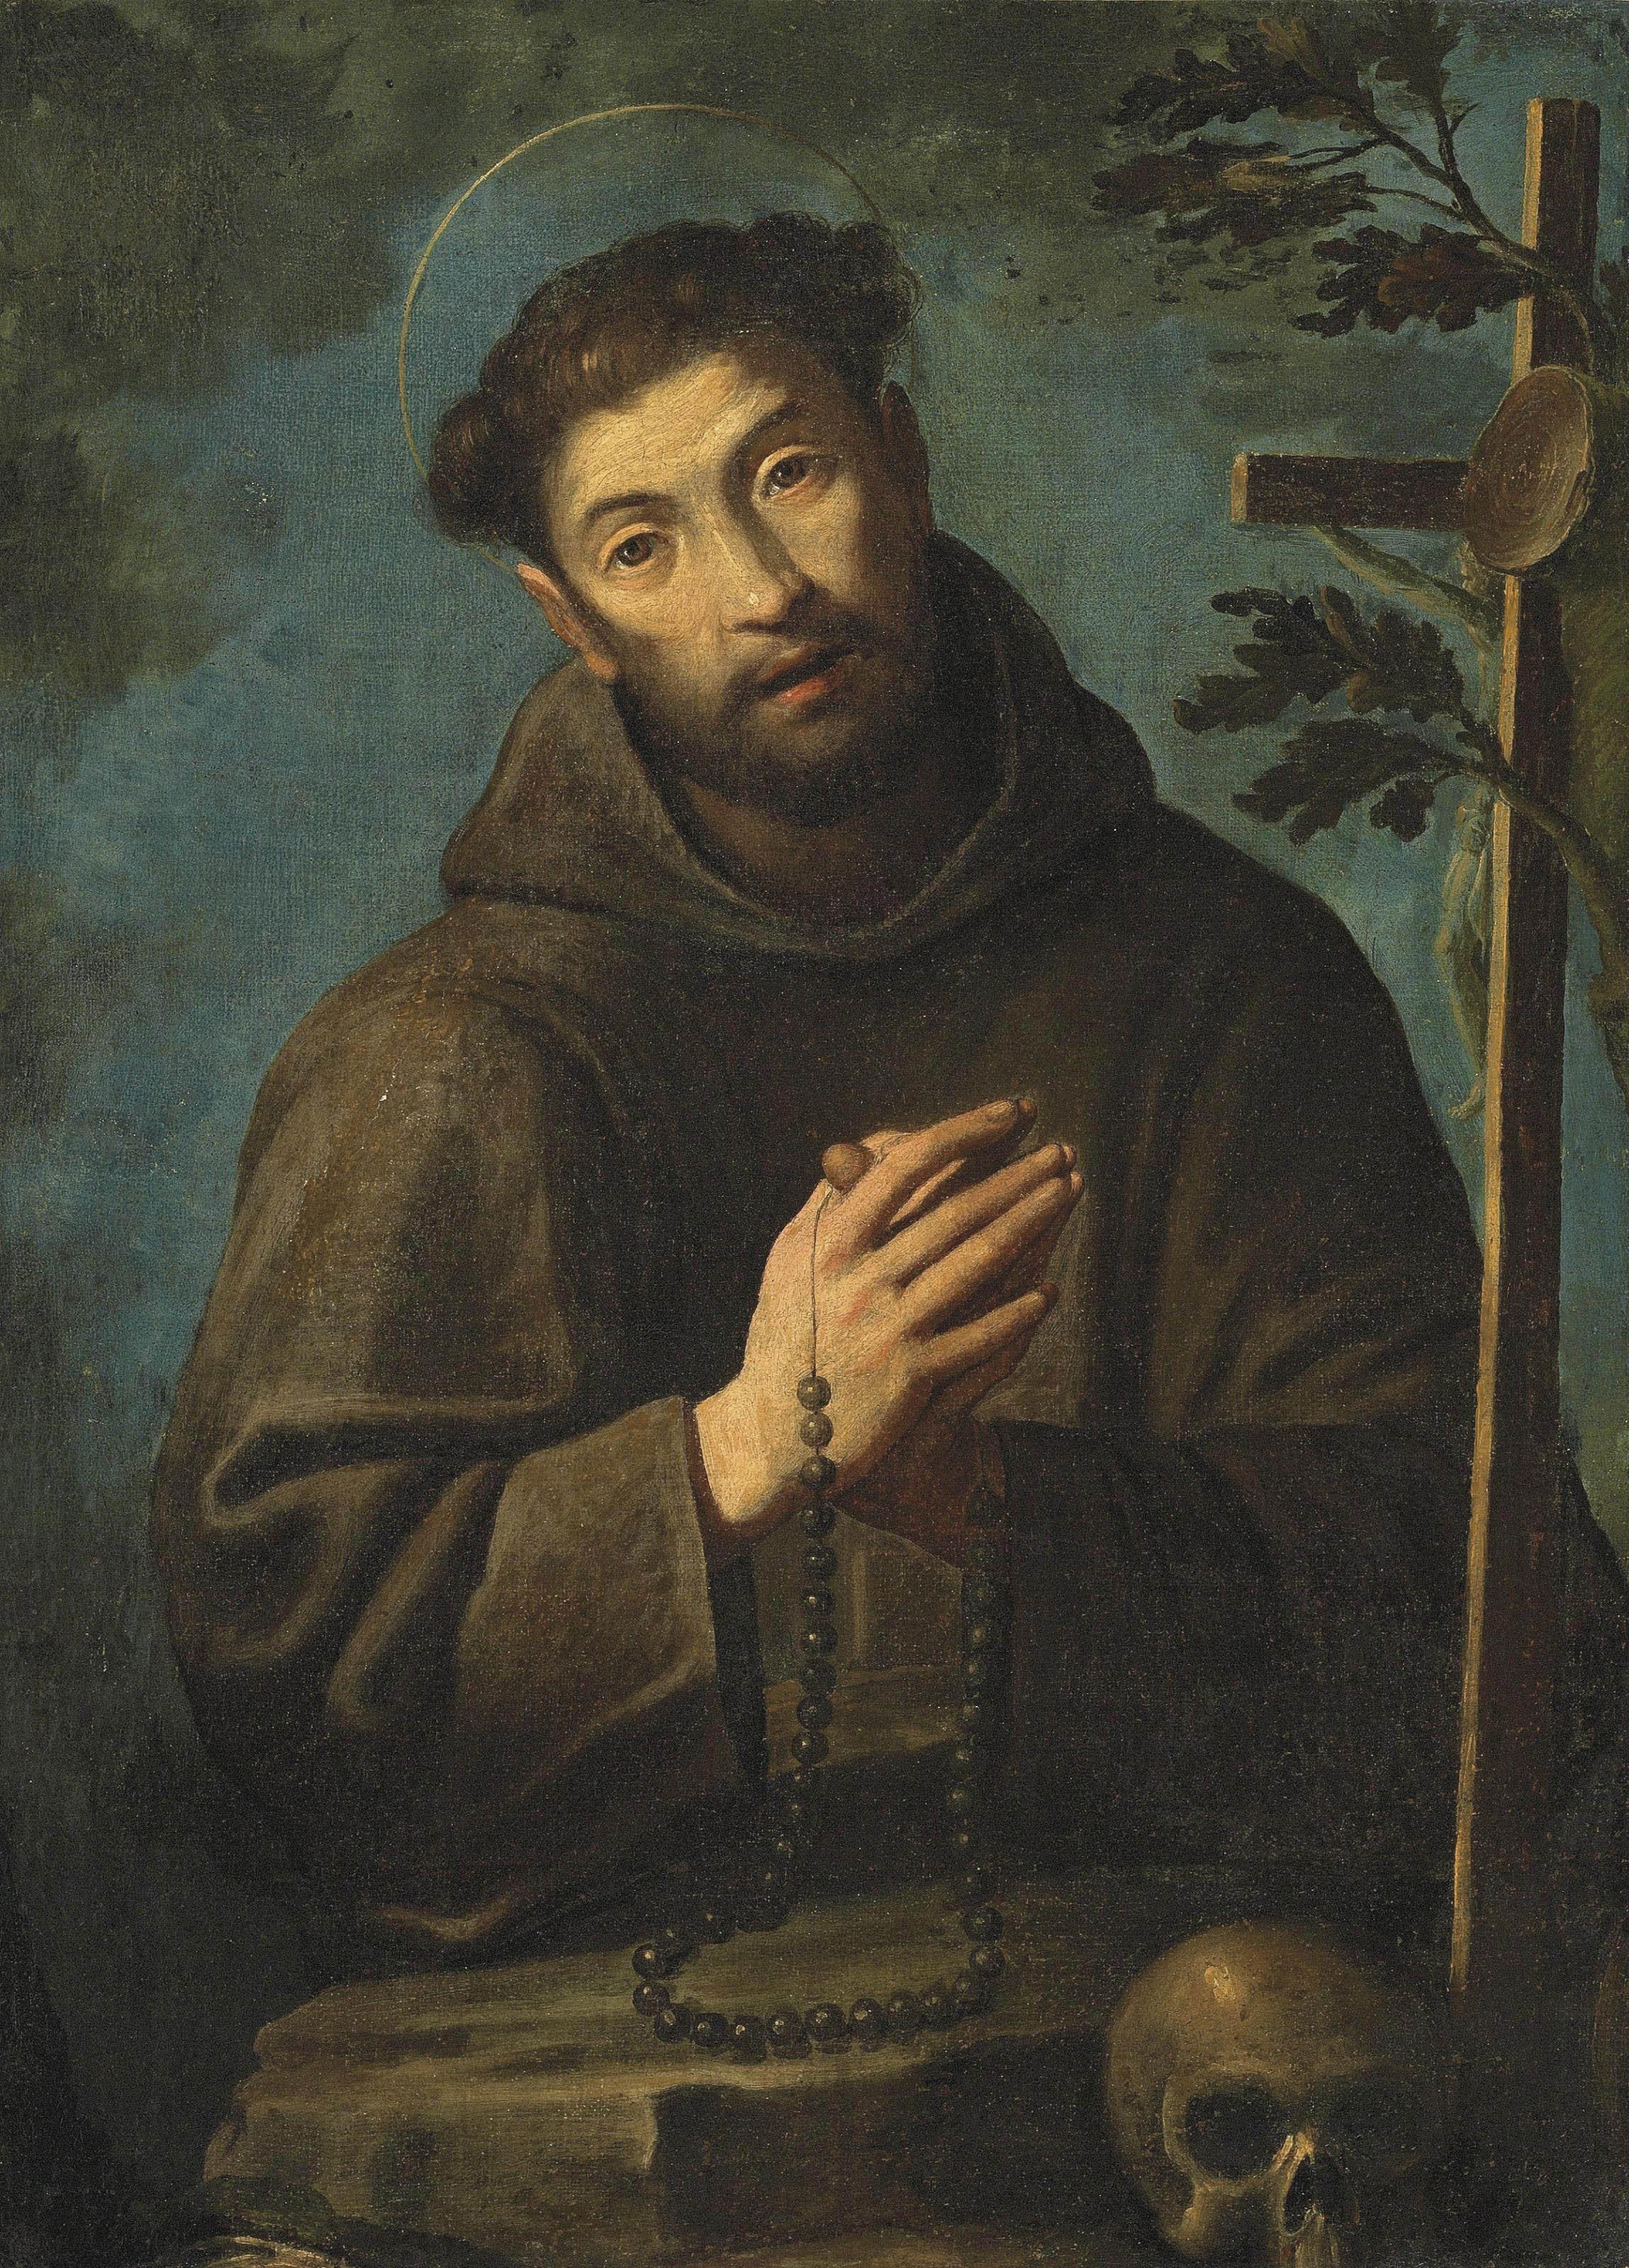 Saint Francis in a landscape